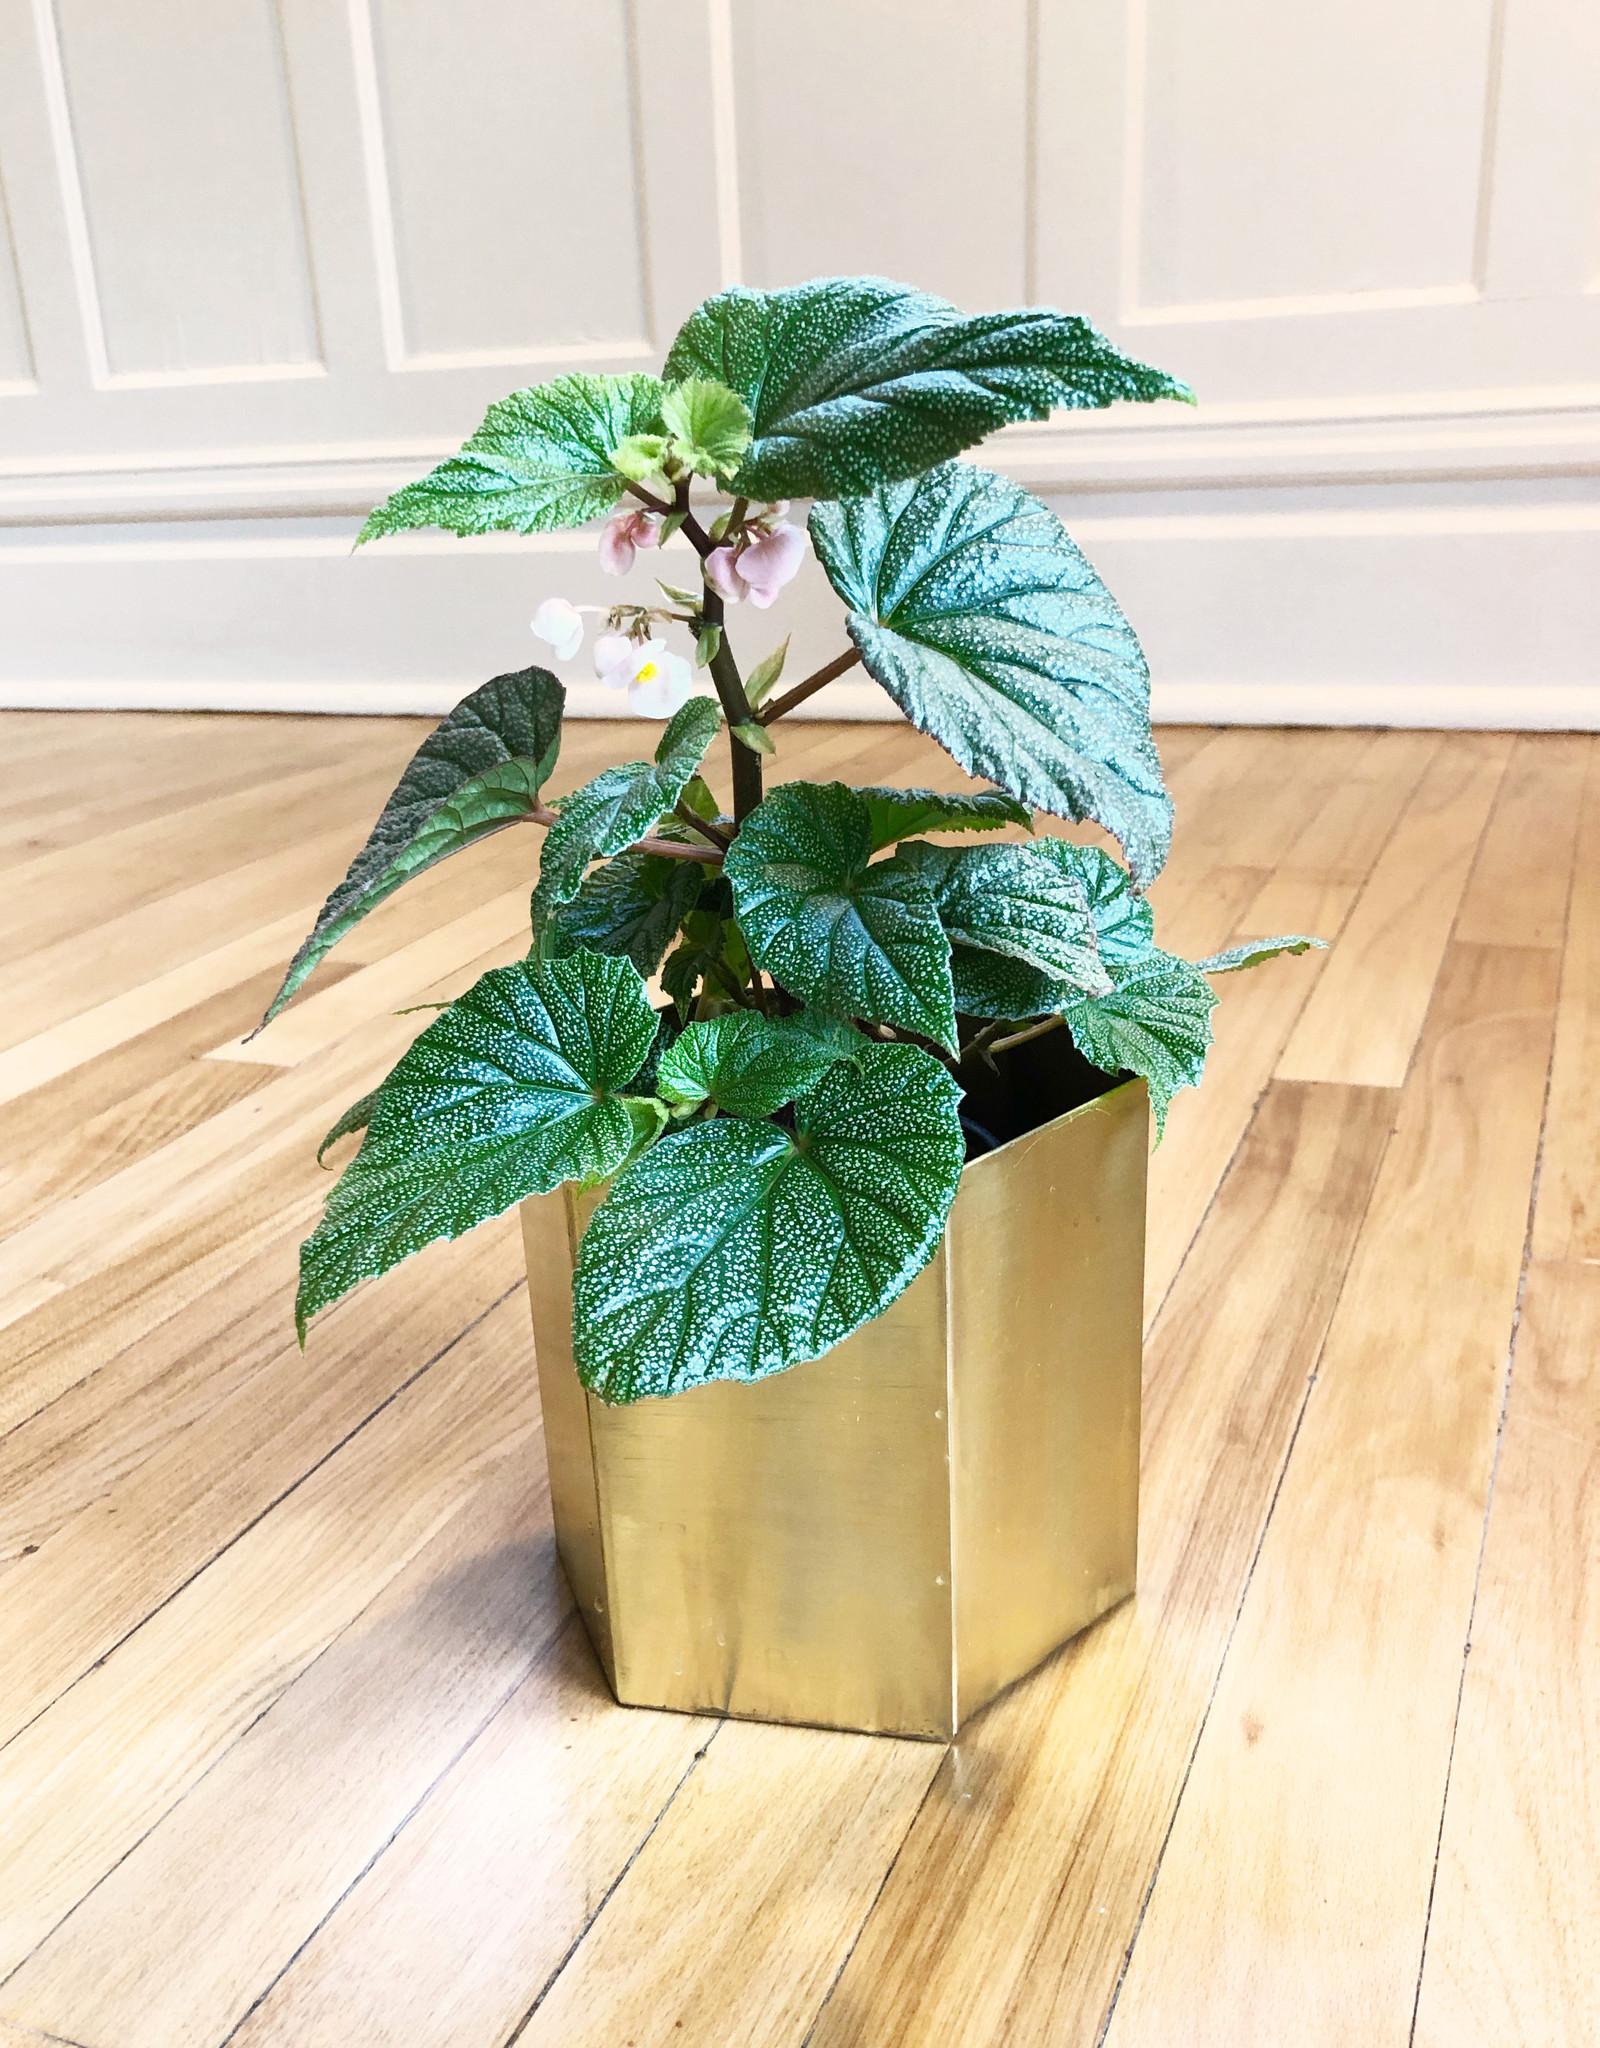 Curio Begonia Angel Wing 'Sinbad'